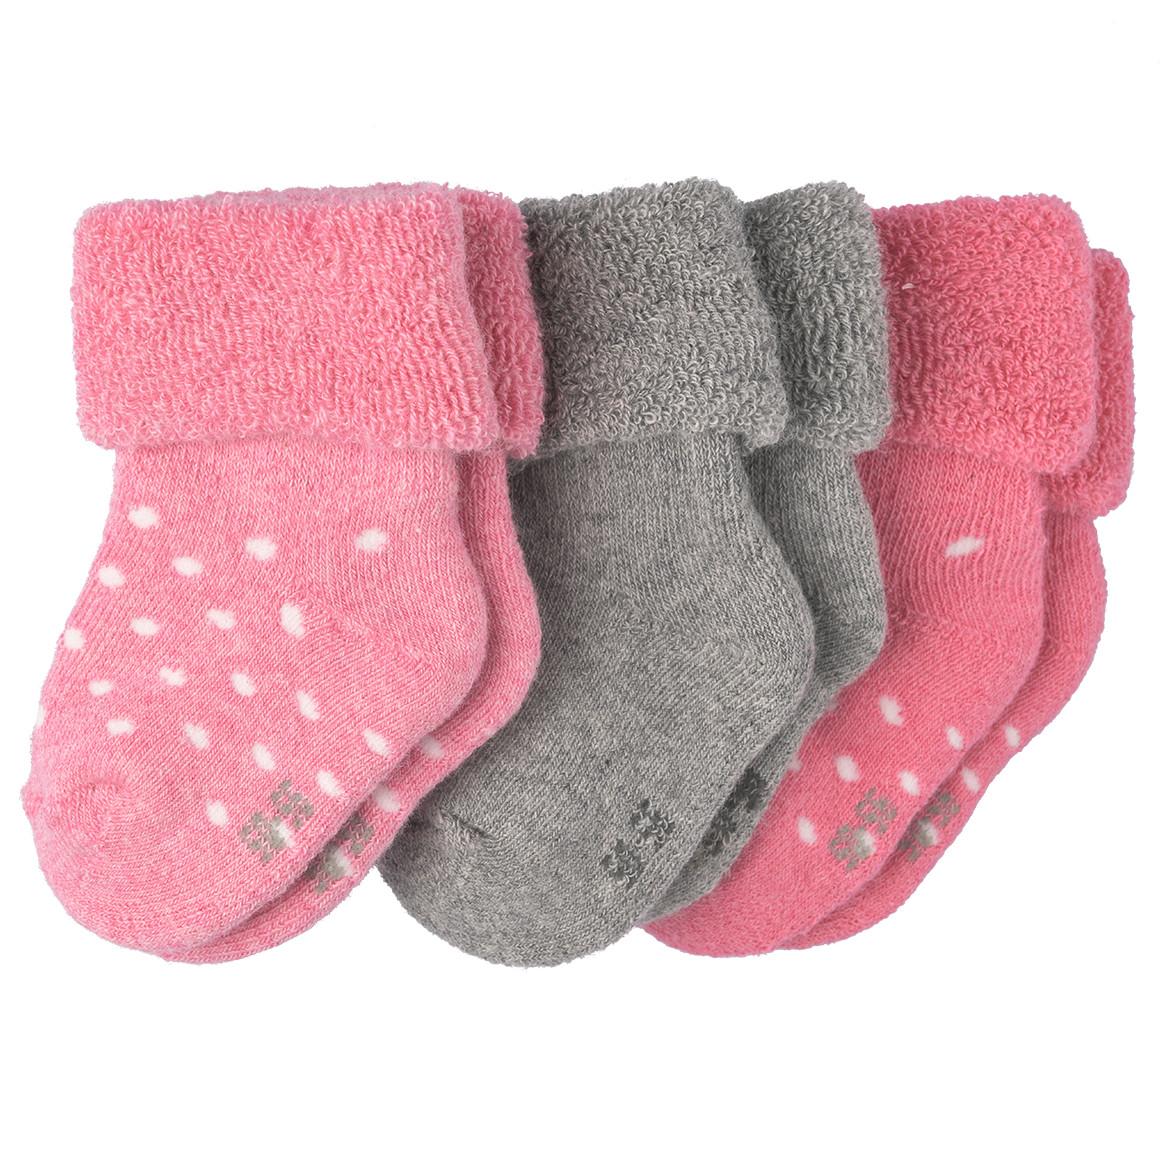 3 Paar Baby Socken mit Umschlagsbund